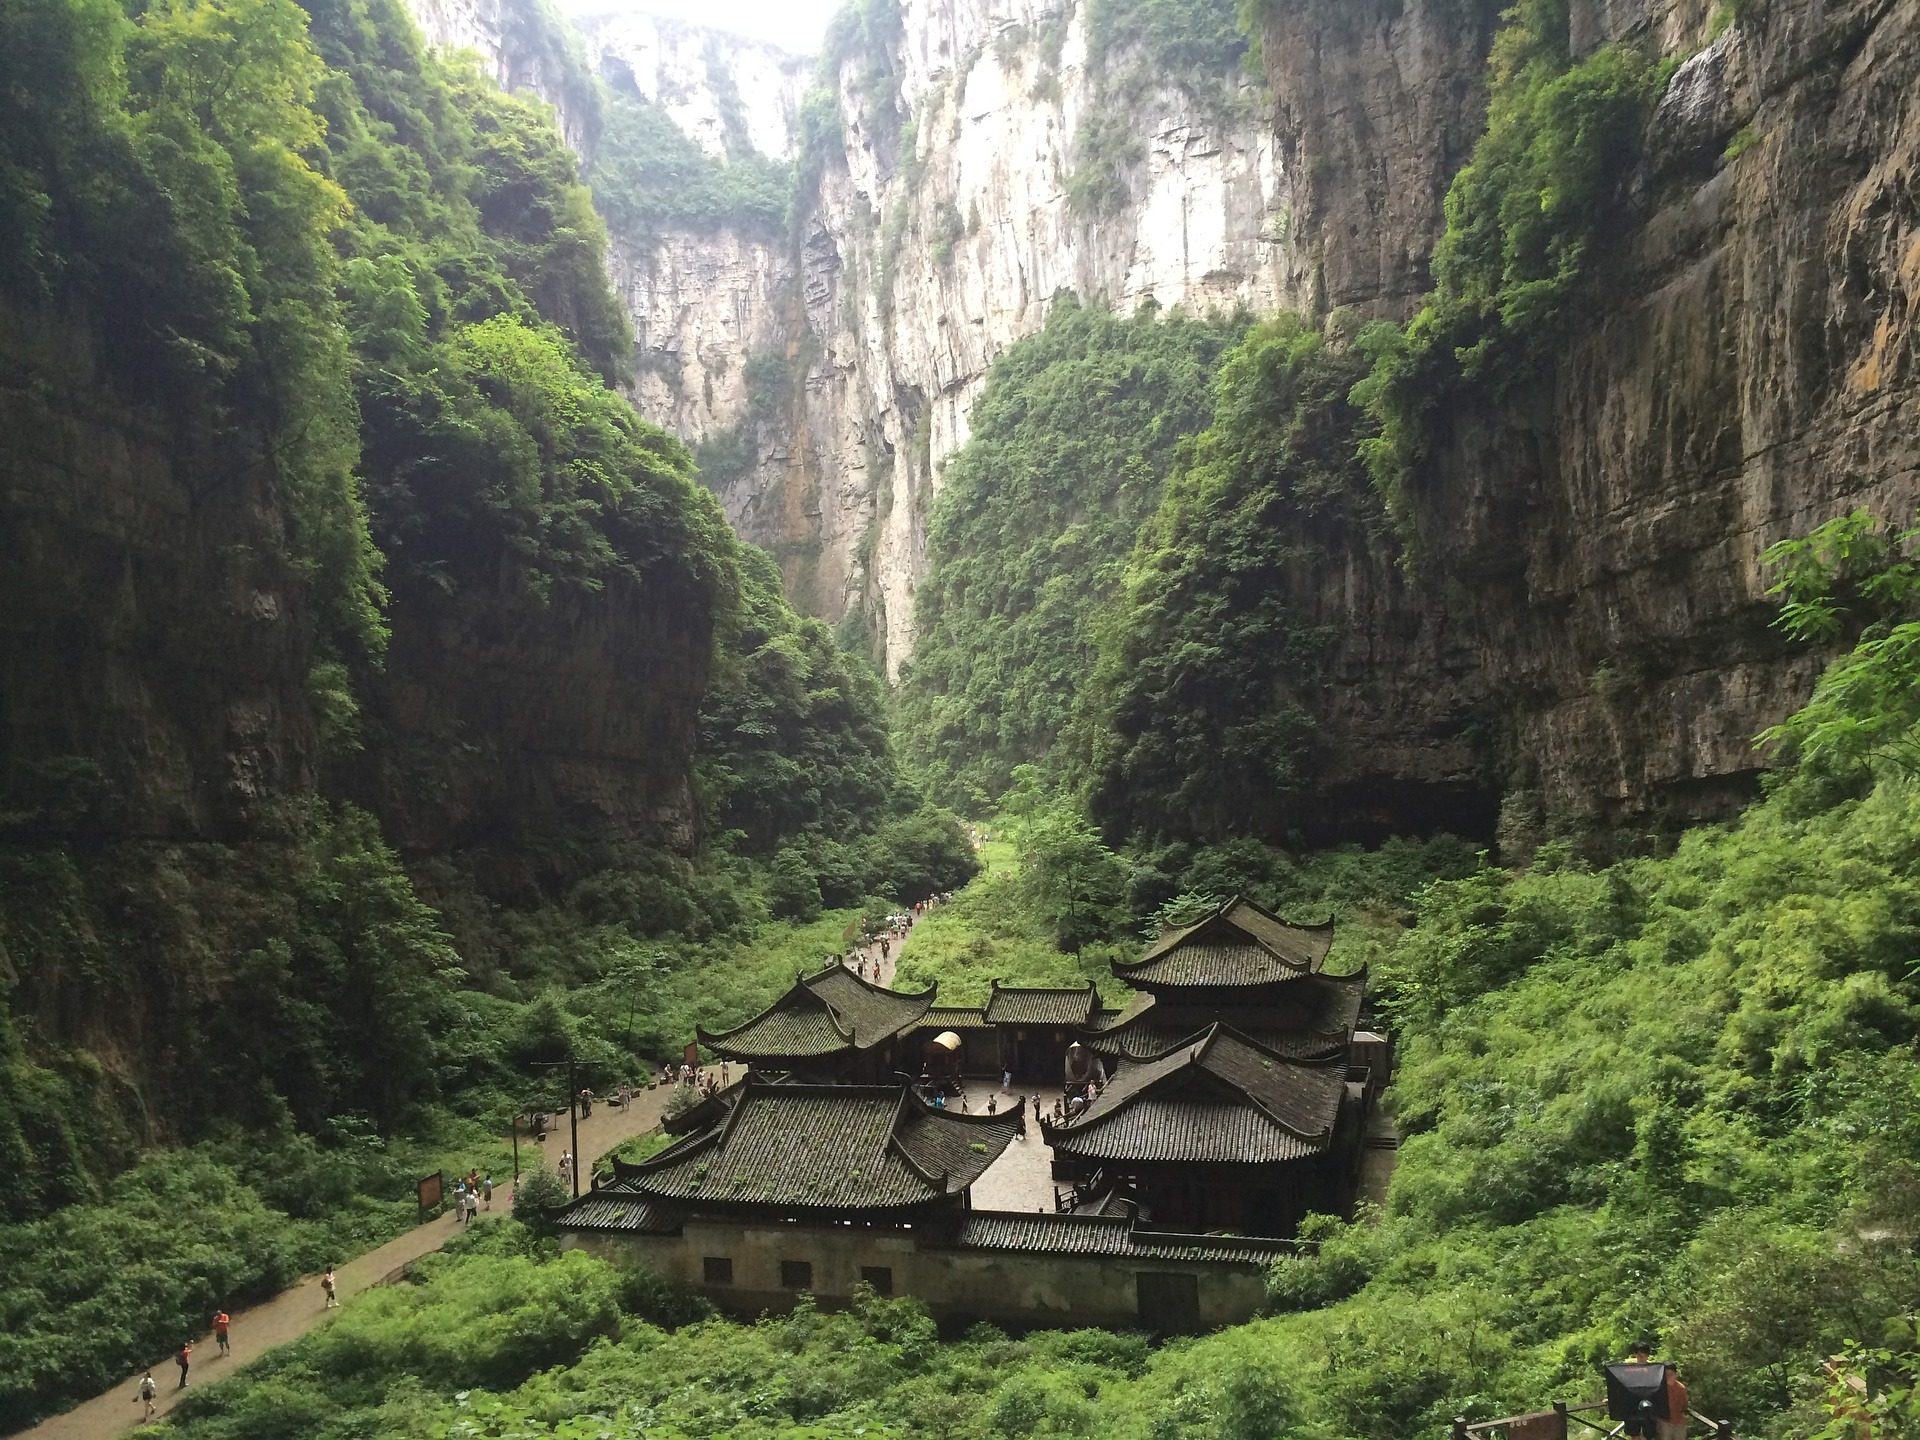 vila, montañas, vegetación, Oriental, Canon - Papéis de parede HD - Professor-falken.com